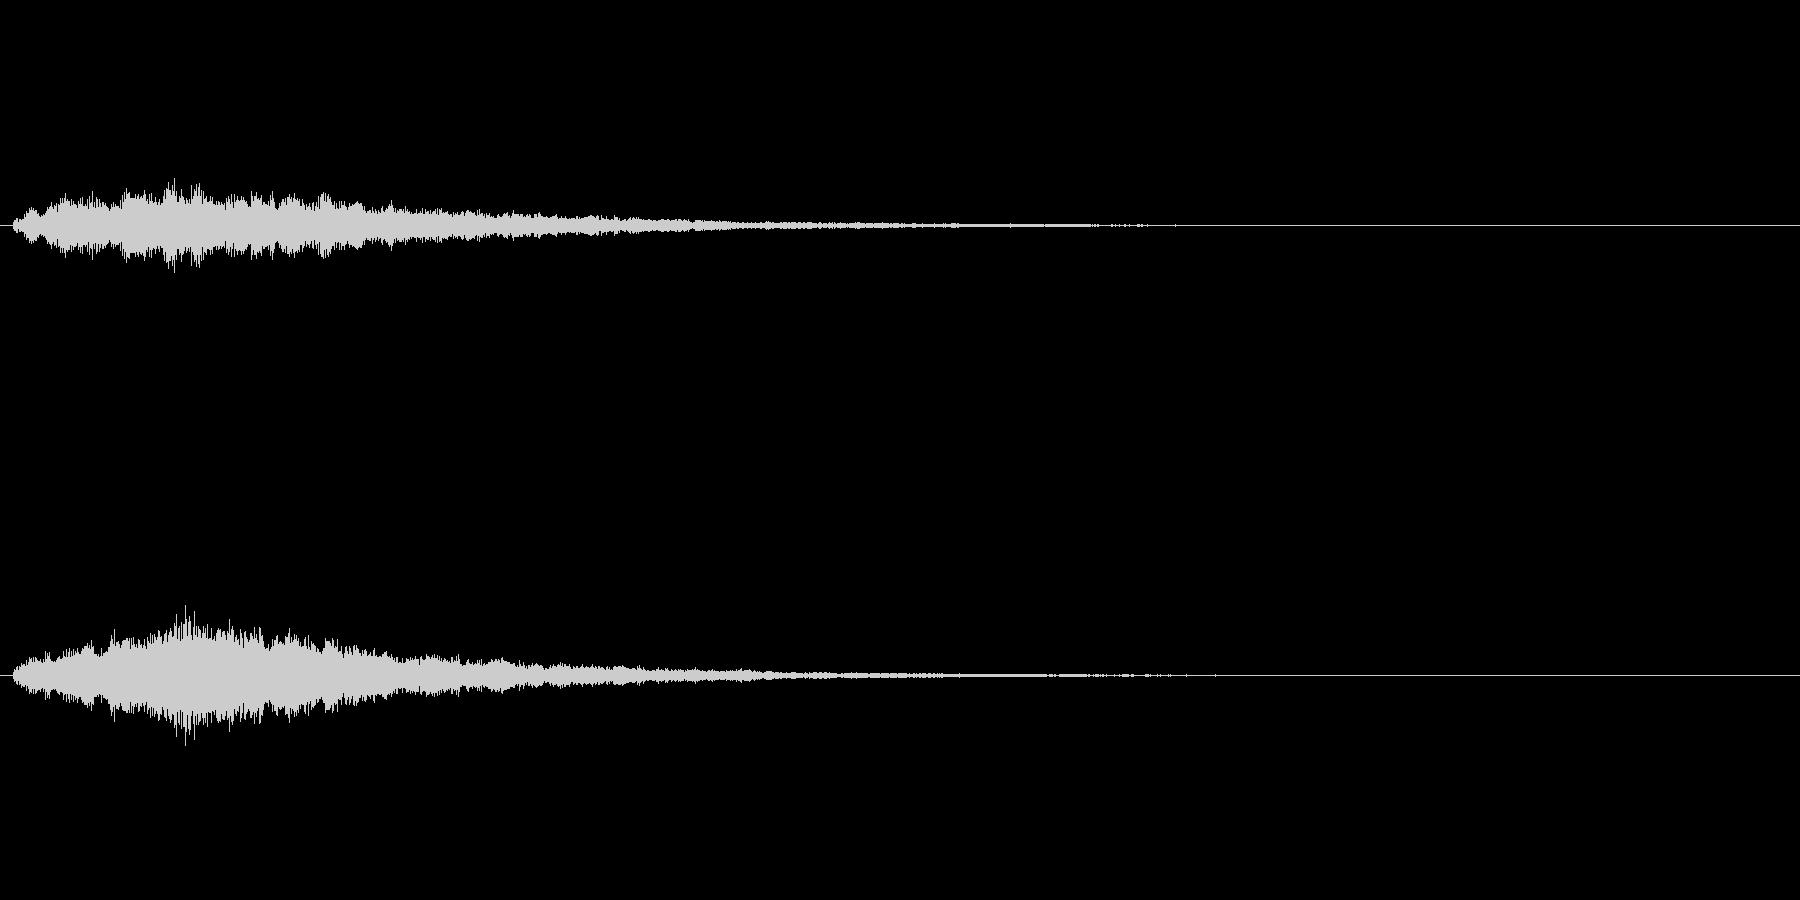 きらめきSE セーブ システムの未再生の波形